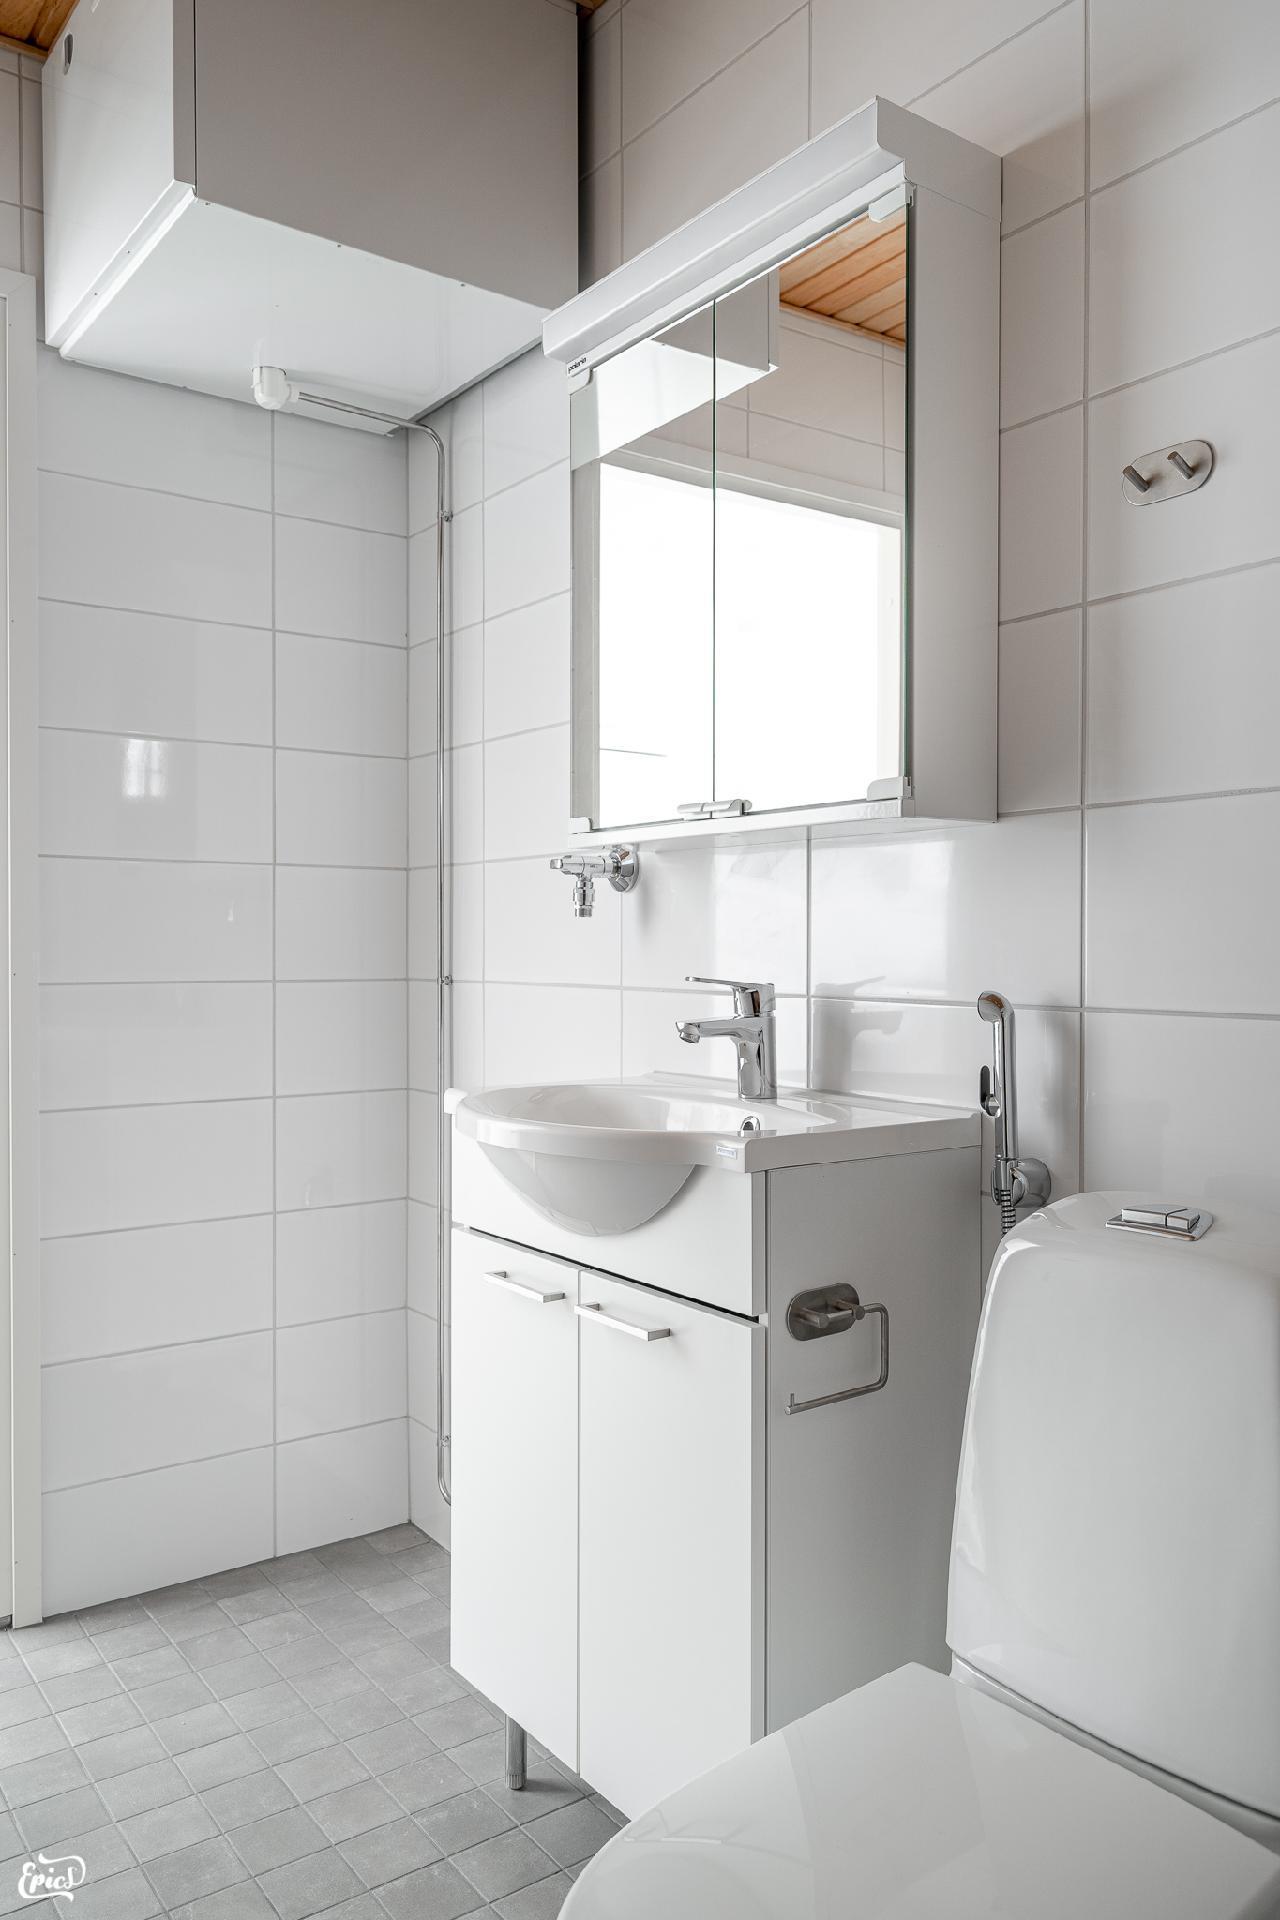 Pesuhuone (kuva viereisestä Asunto Oy Valkeakosken Antin ranta I asunnosta)